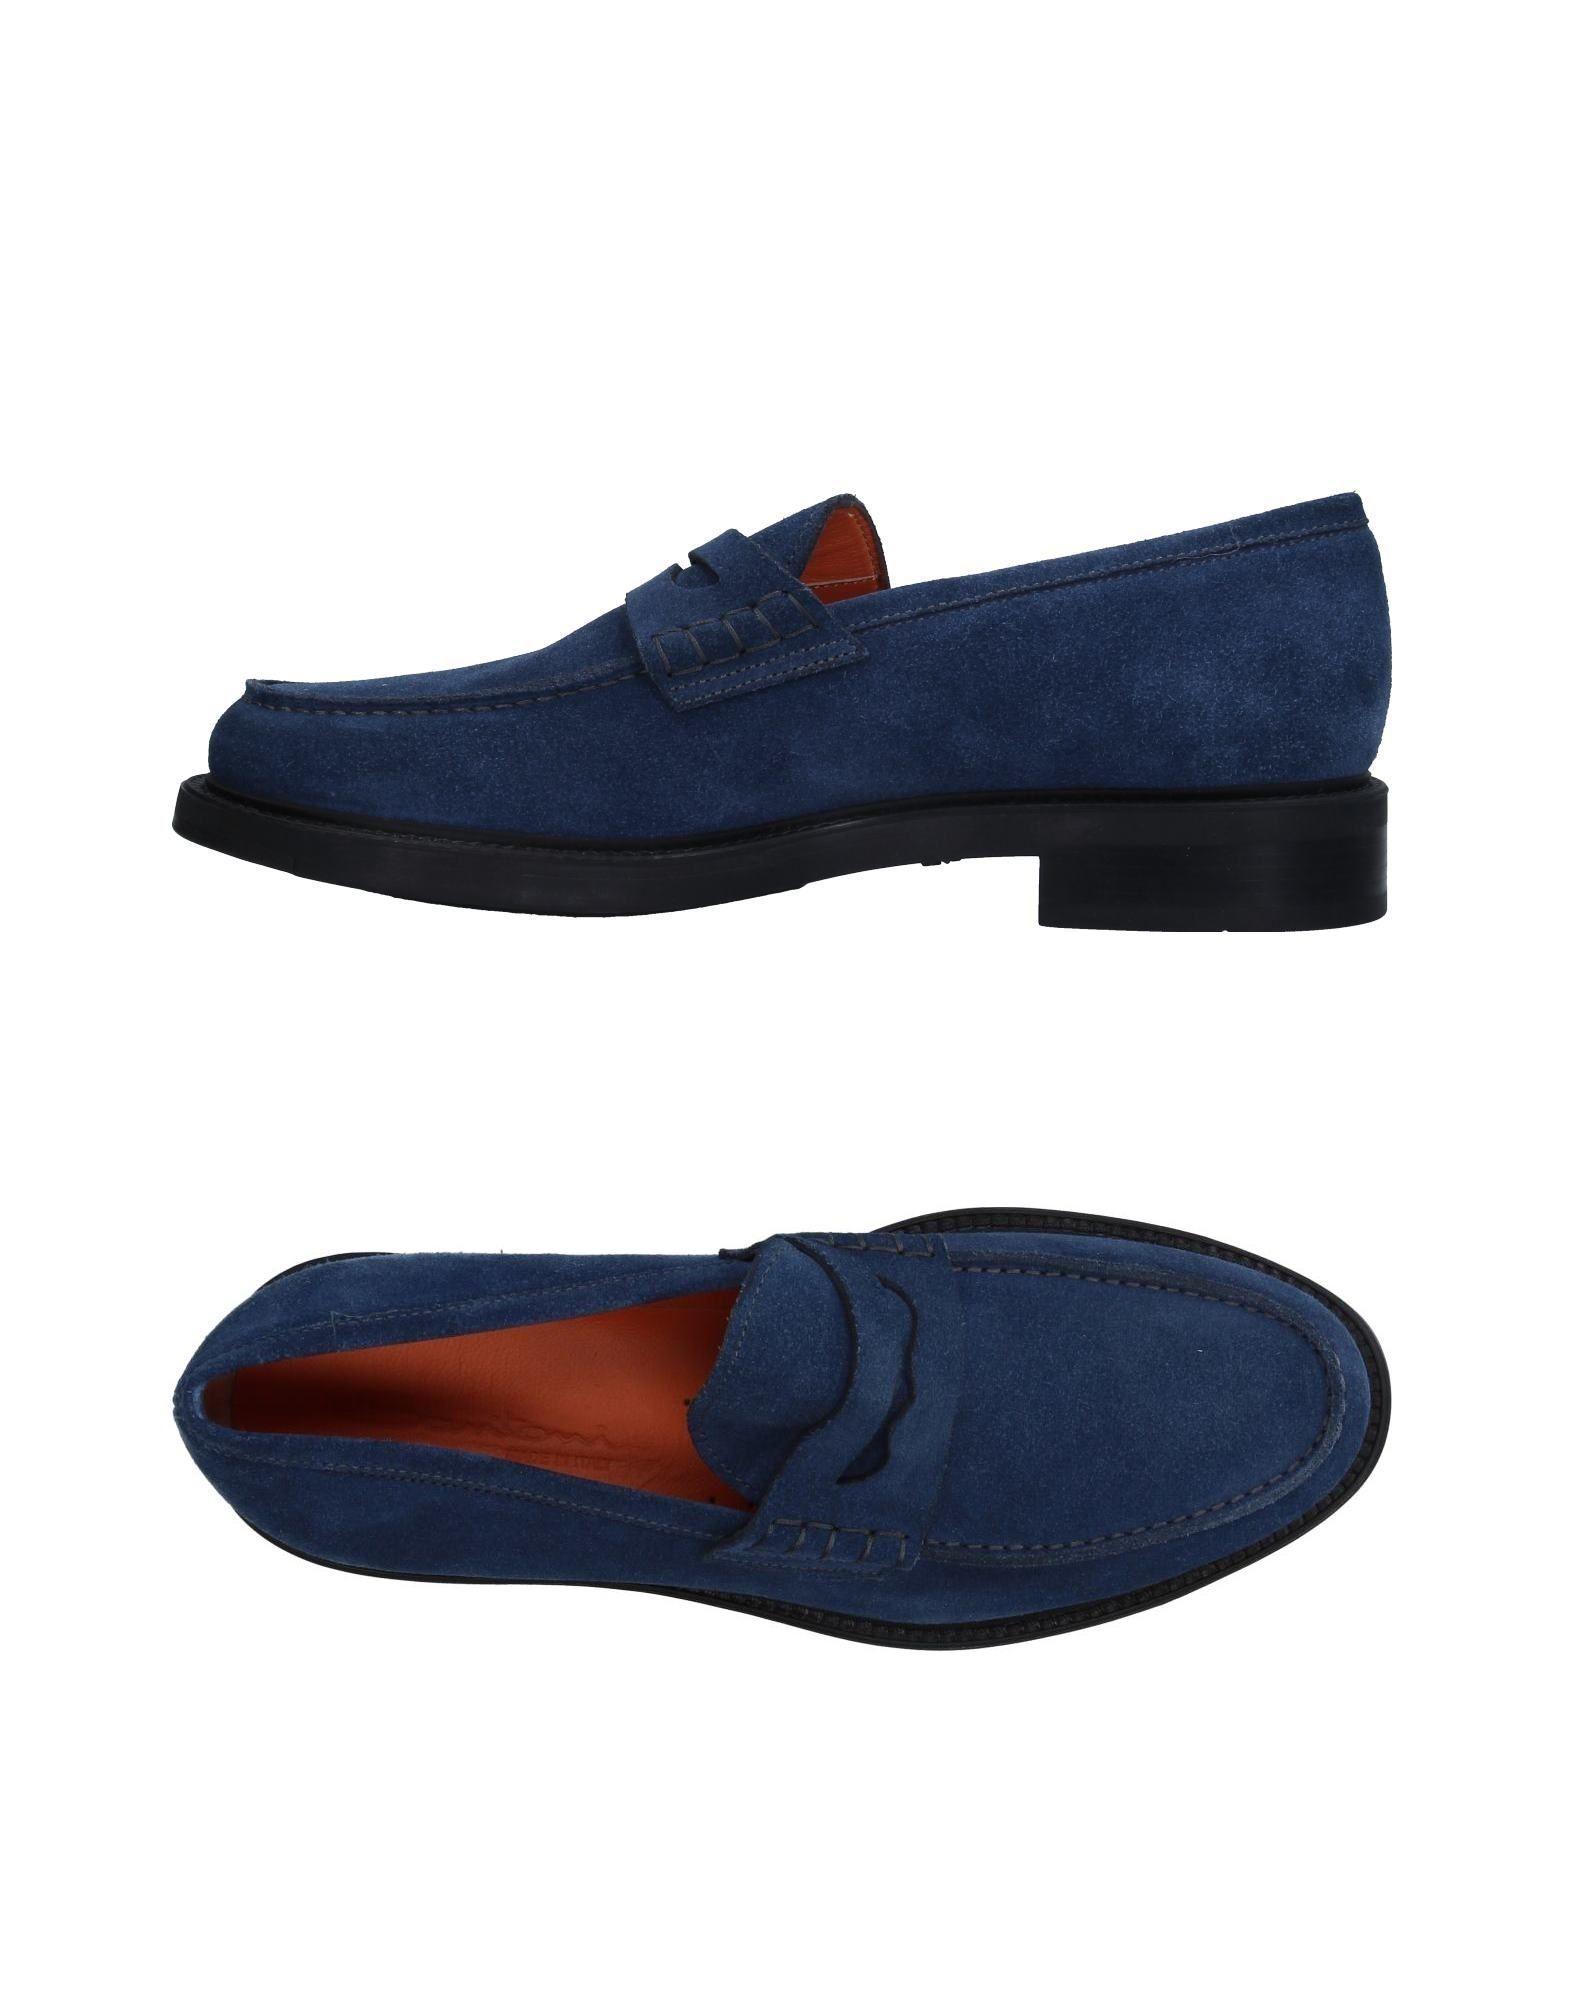 SANTONI Herren Mokassin Farbe Blau Größe 8